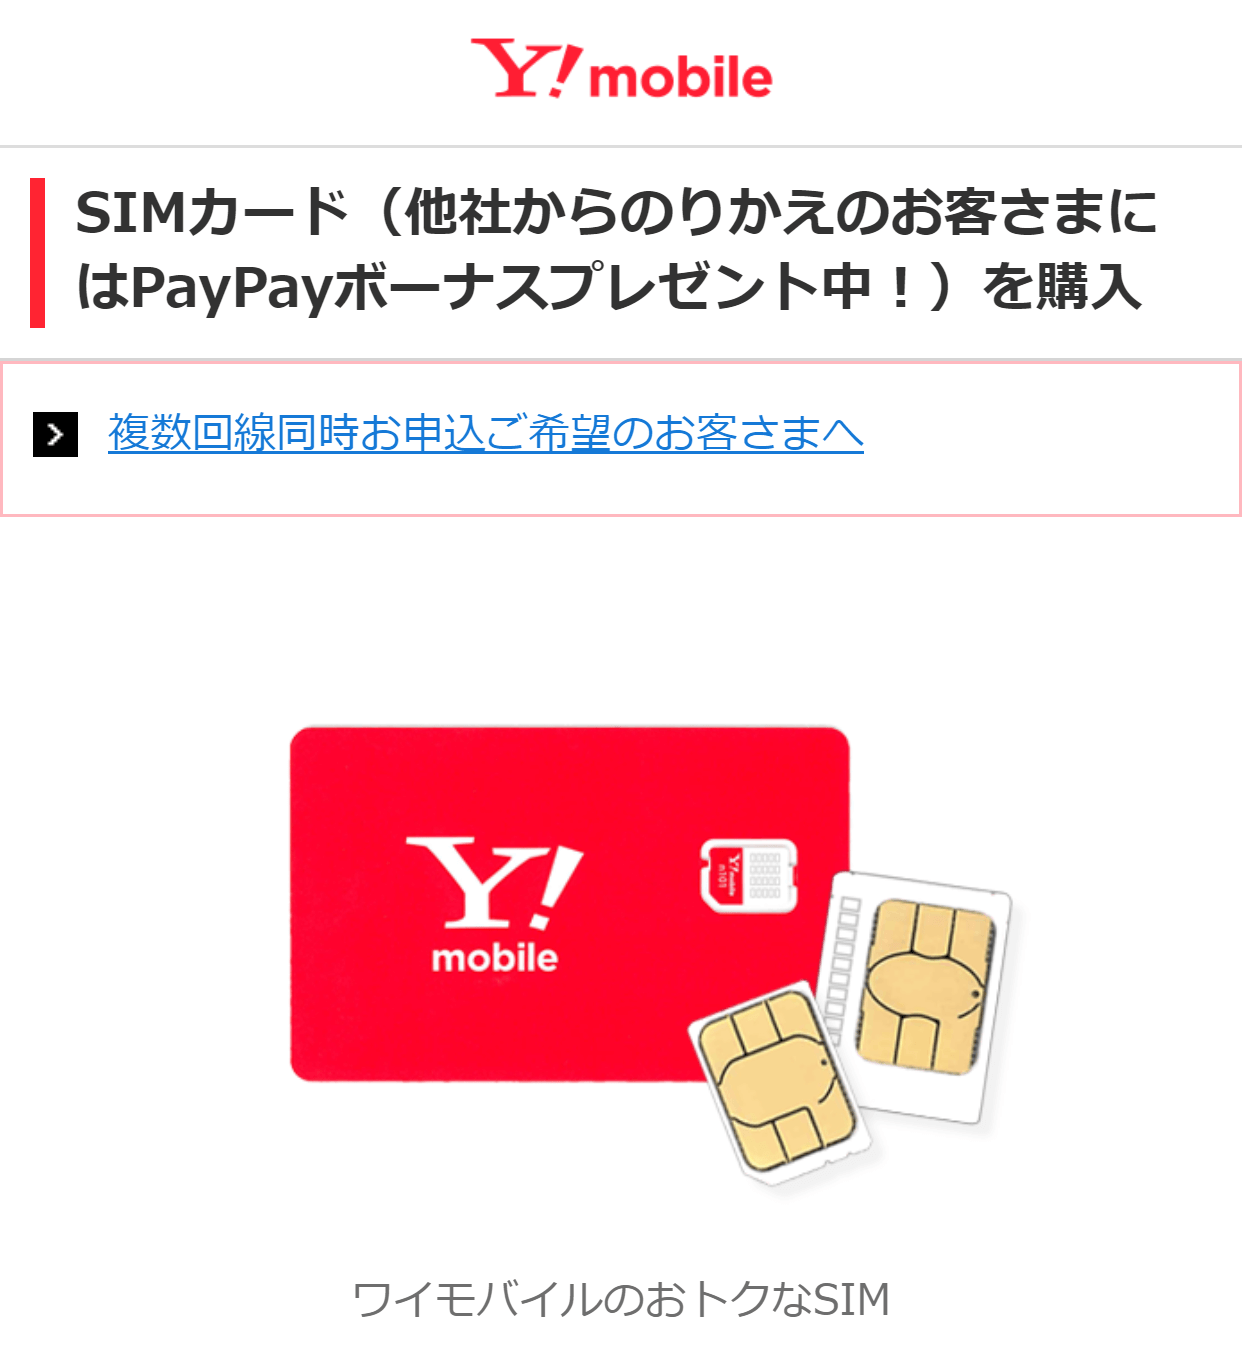 ワイモバイルの「タイムセール」SIMカード